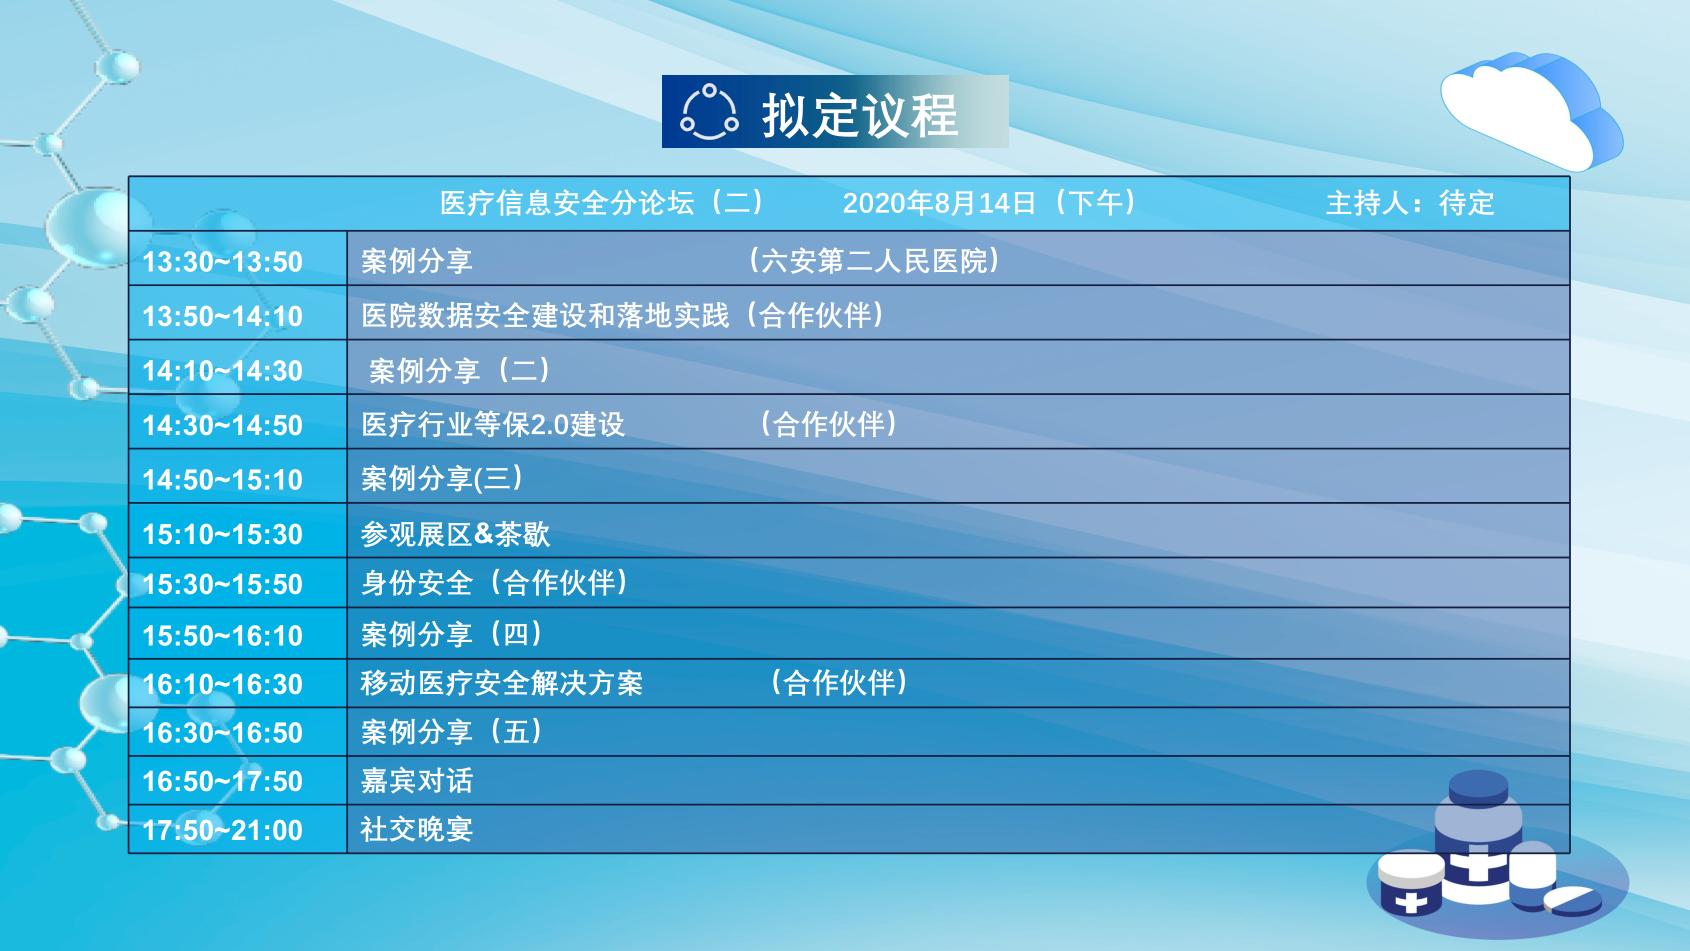 2020安徽省智慧醫療和大健康產業信息化創新峰會(合肥)